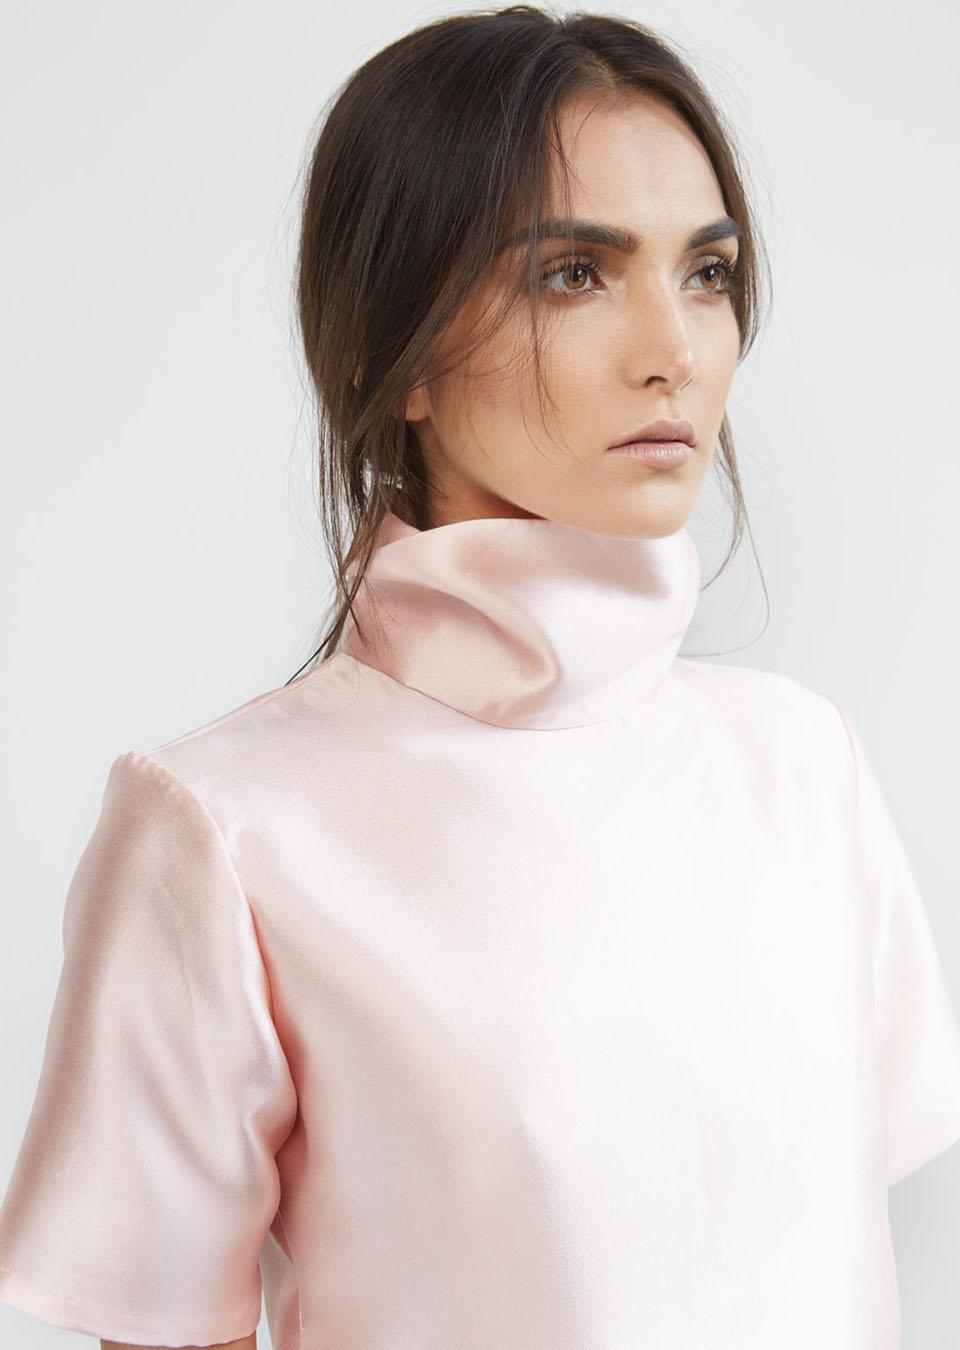 mariana rodriguez (3)